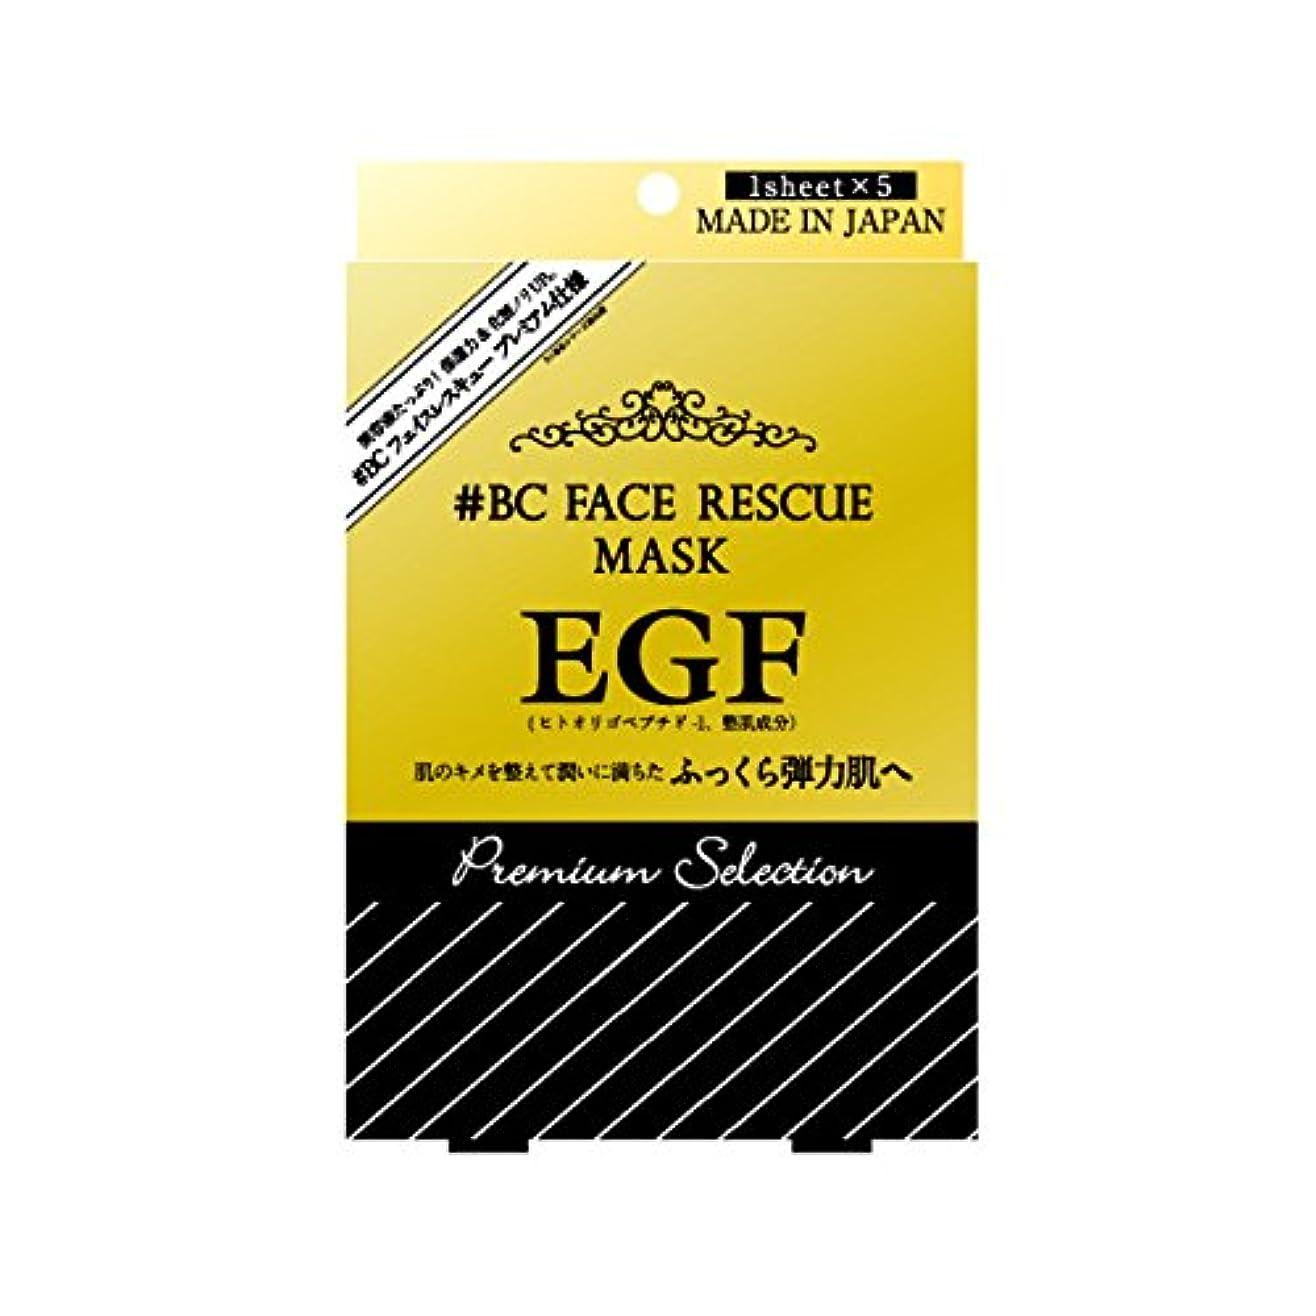 有害忠誠レタッチEGF フェイスレスキューマスク PS 1箱(25ml×5枚)